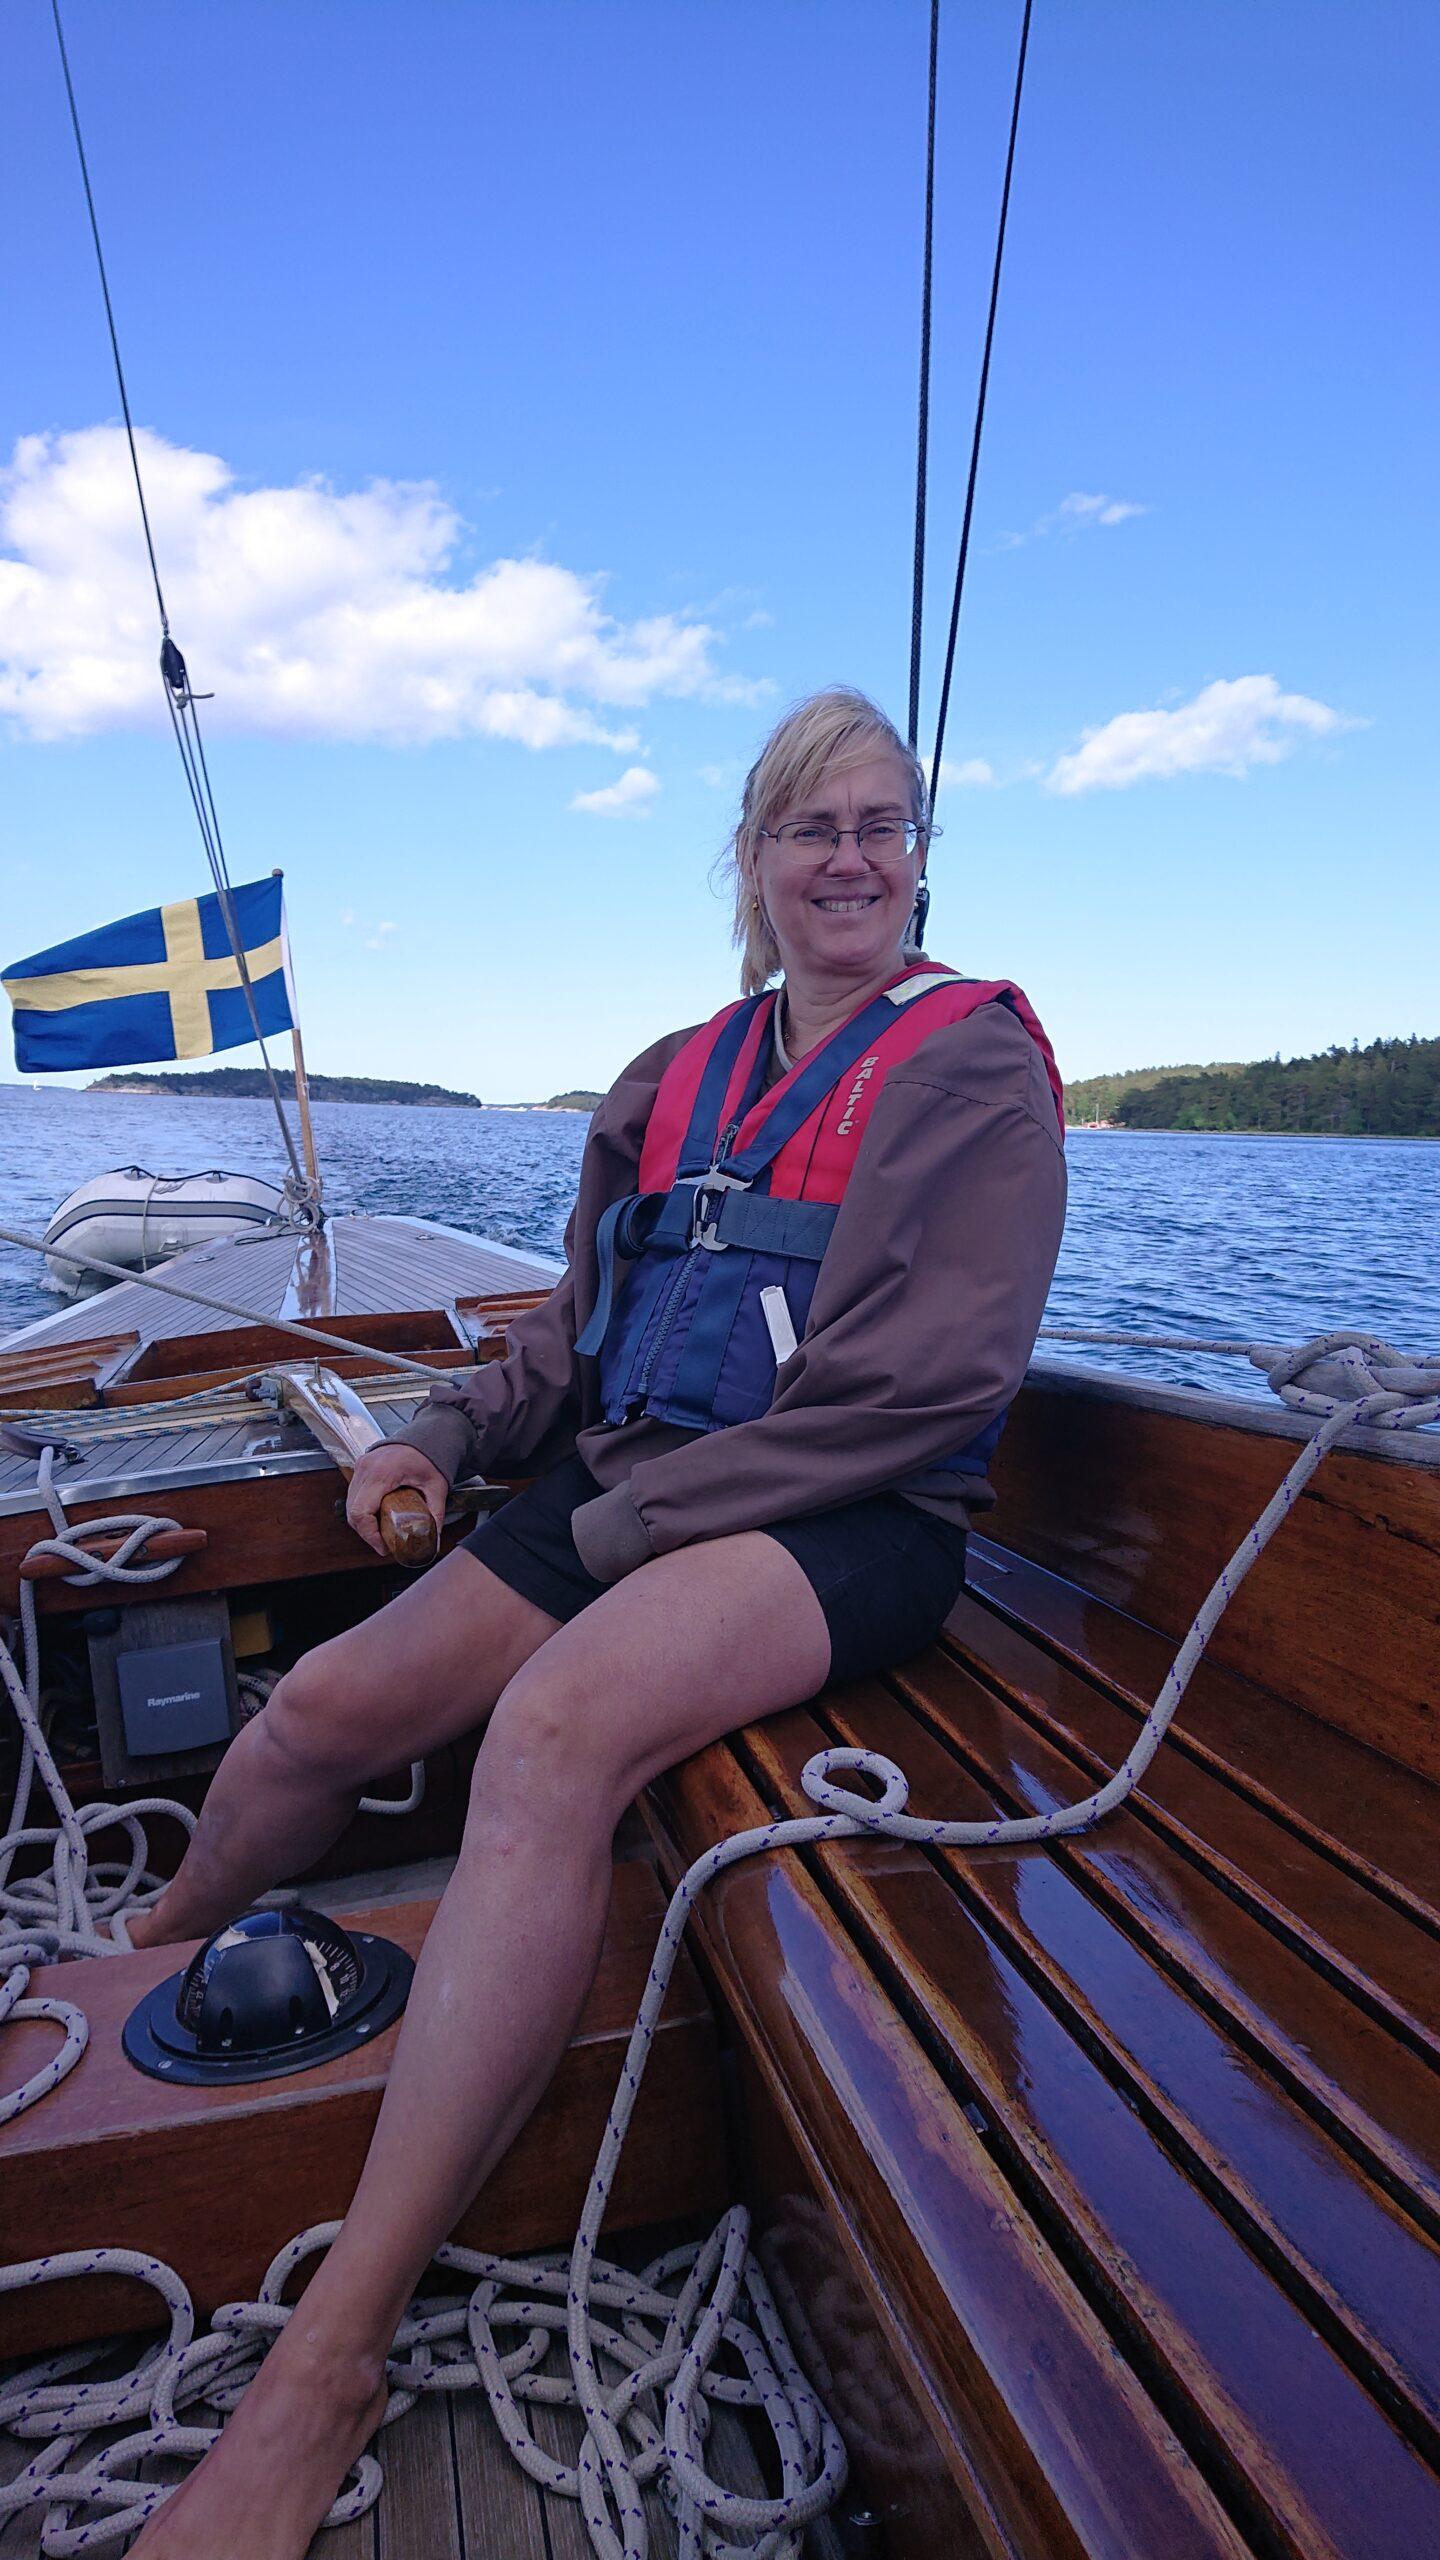 Katarina vid rodret under söndagssegling på Nämdöfjärden den 13 juni 2021. Foto ©Magnus Swahn